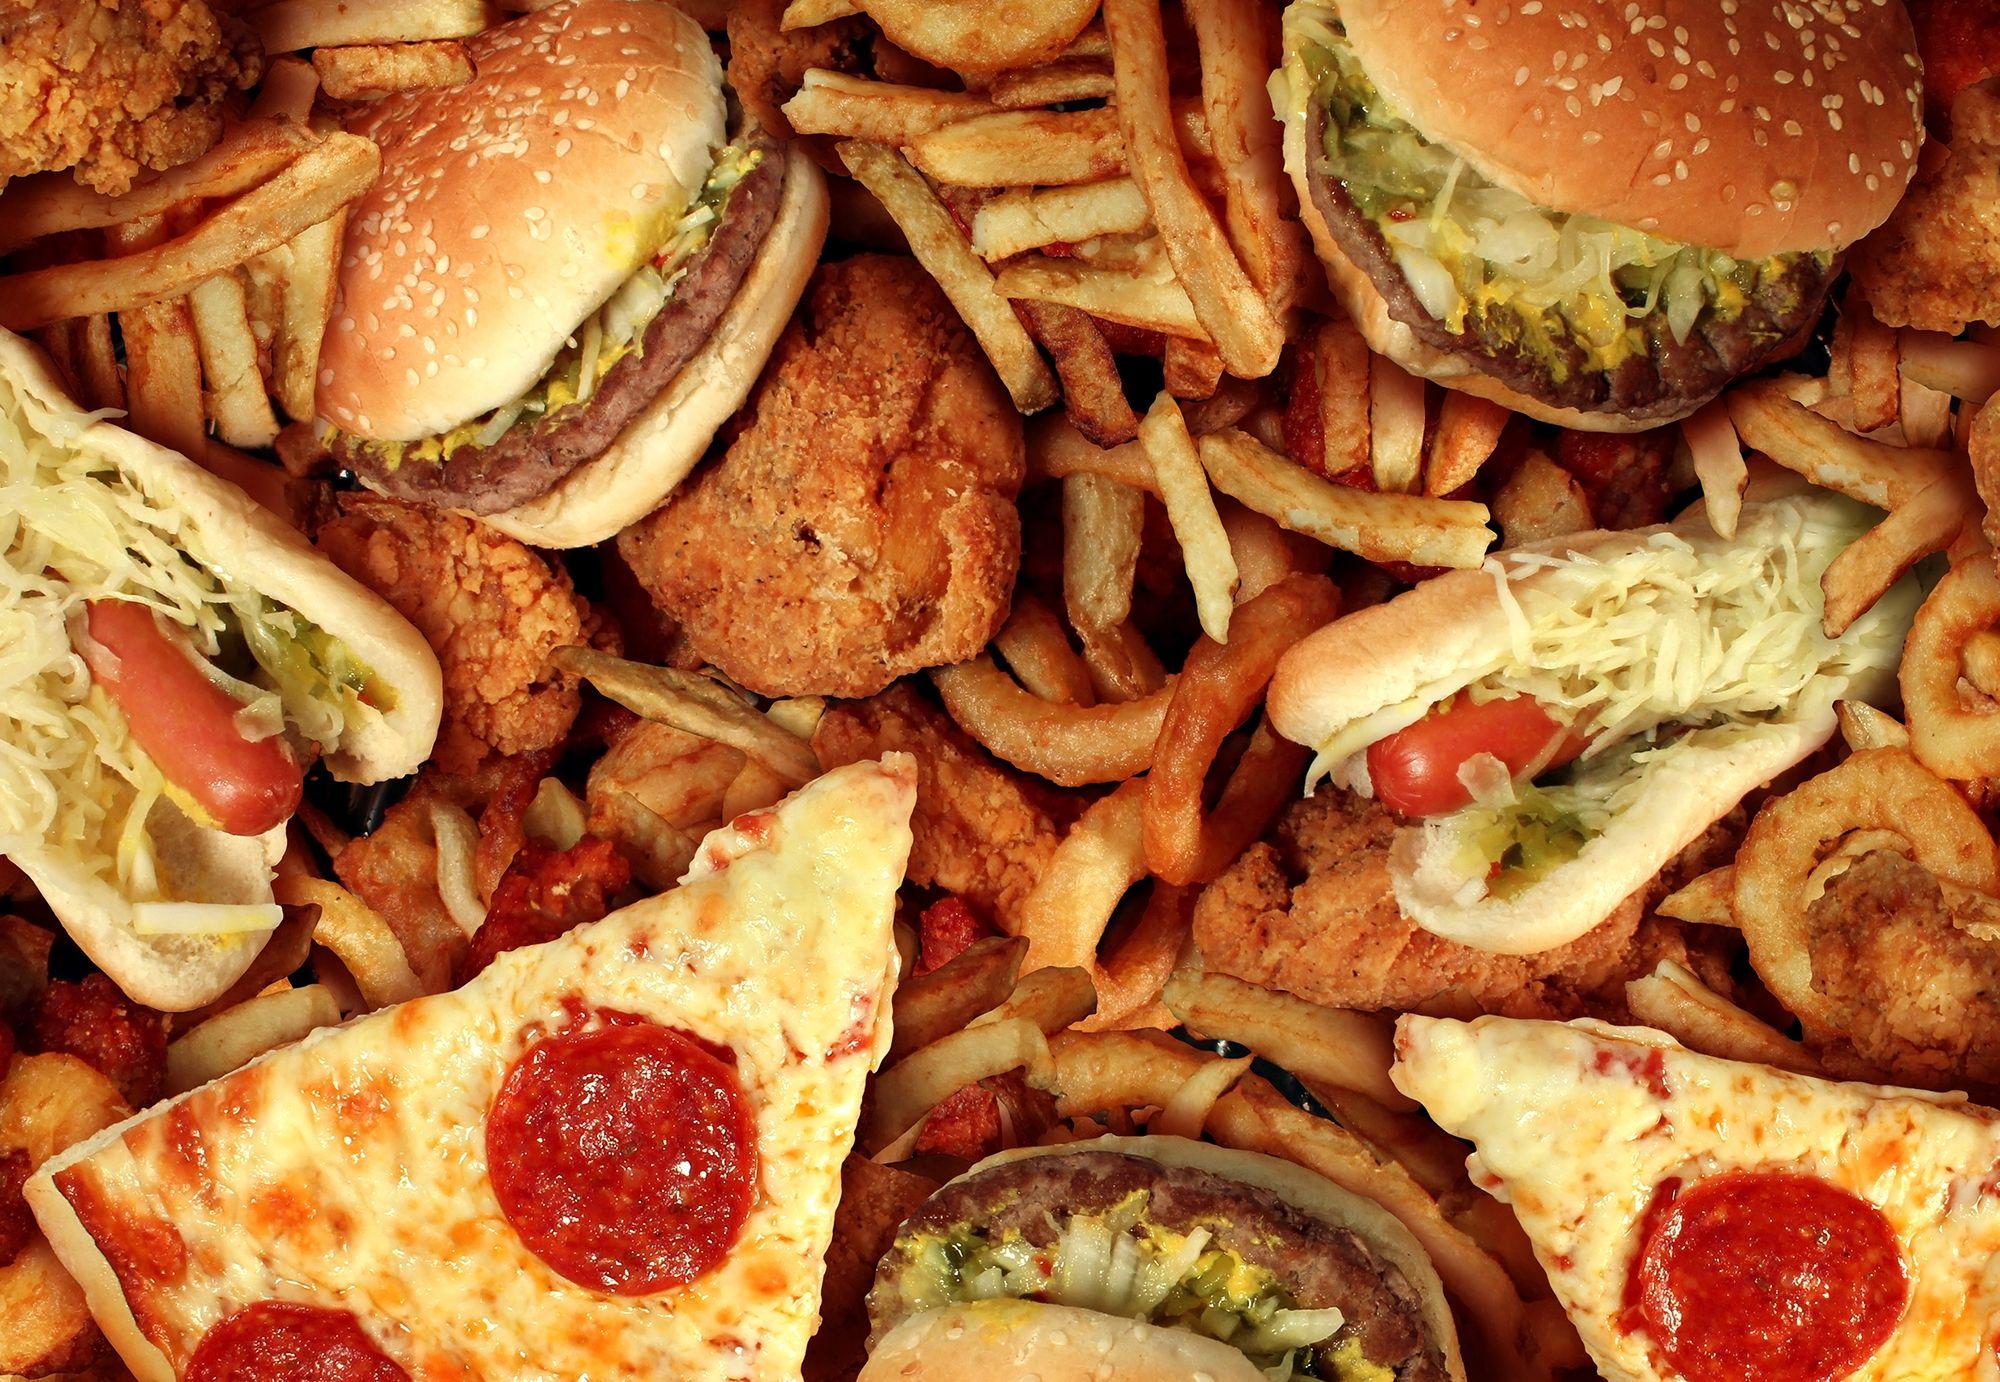 cara_menghilangkan_bau_badan_permanen_pria_dengan_memperbaiki_pola_makan